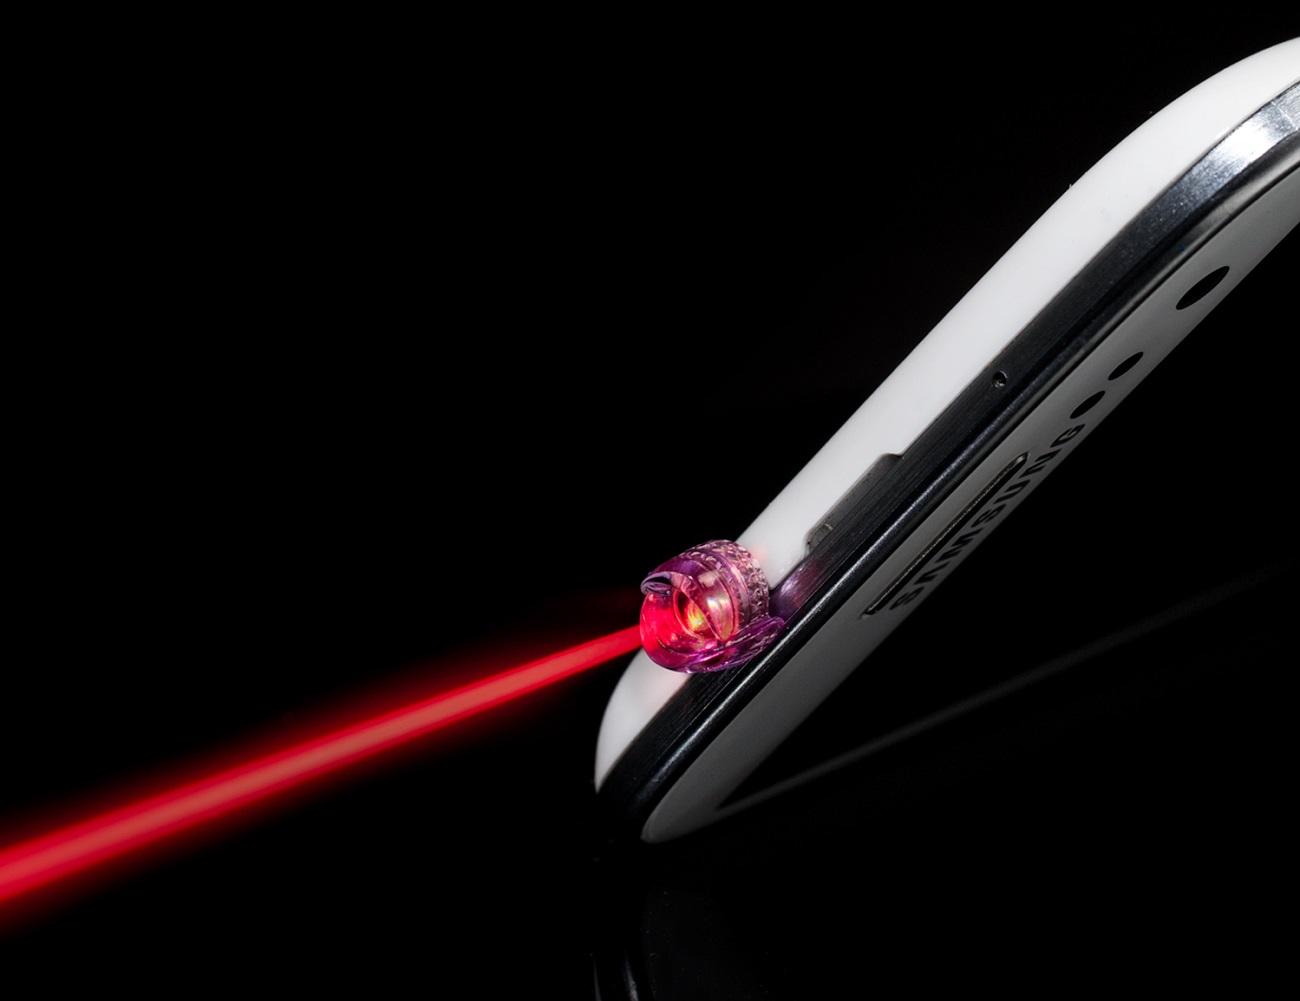 IPin+Laser+Pointer